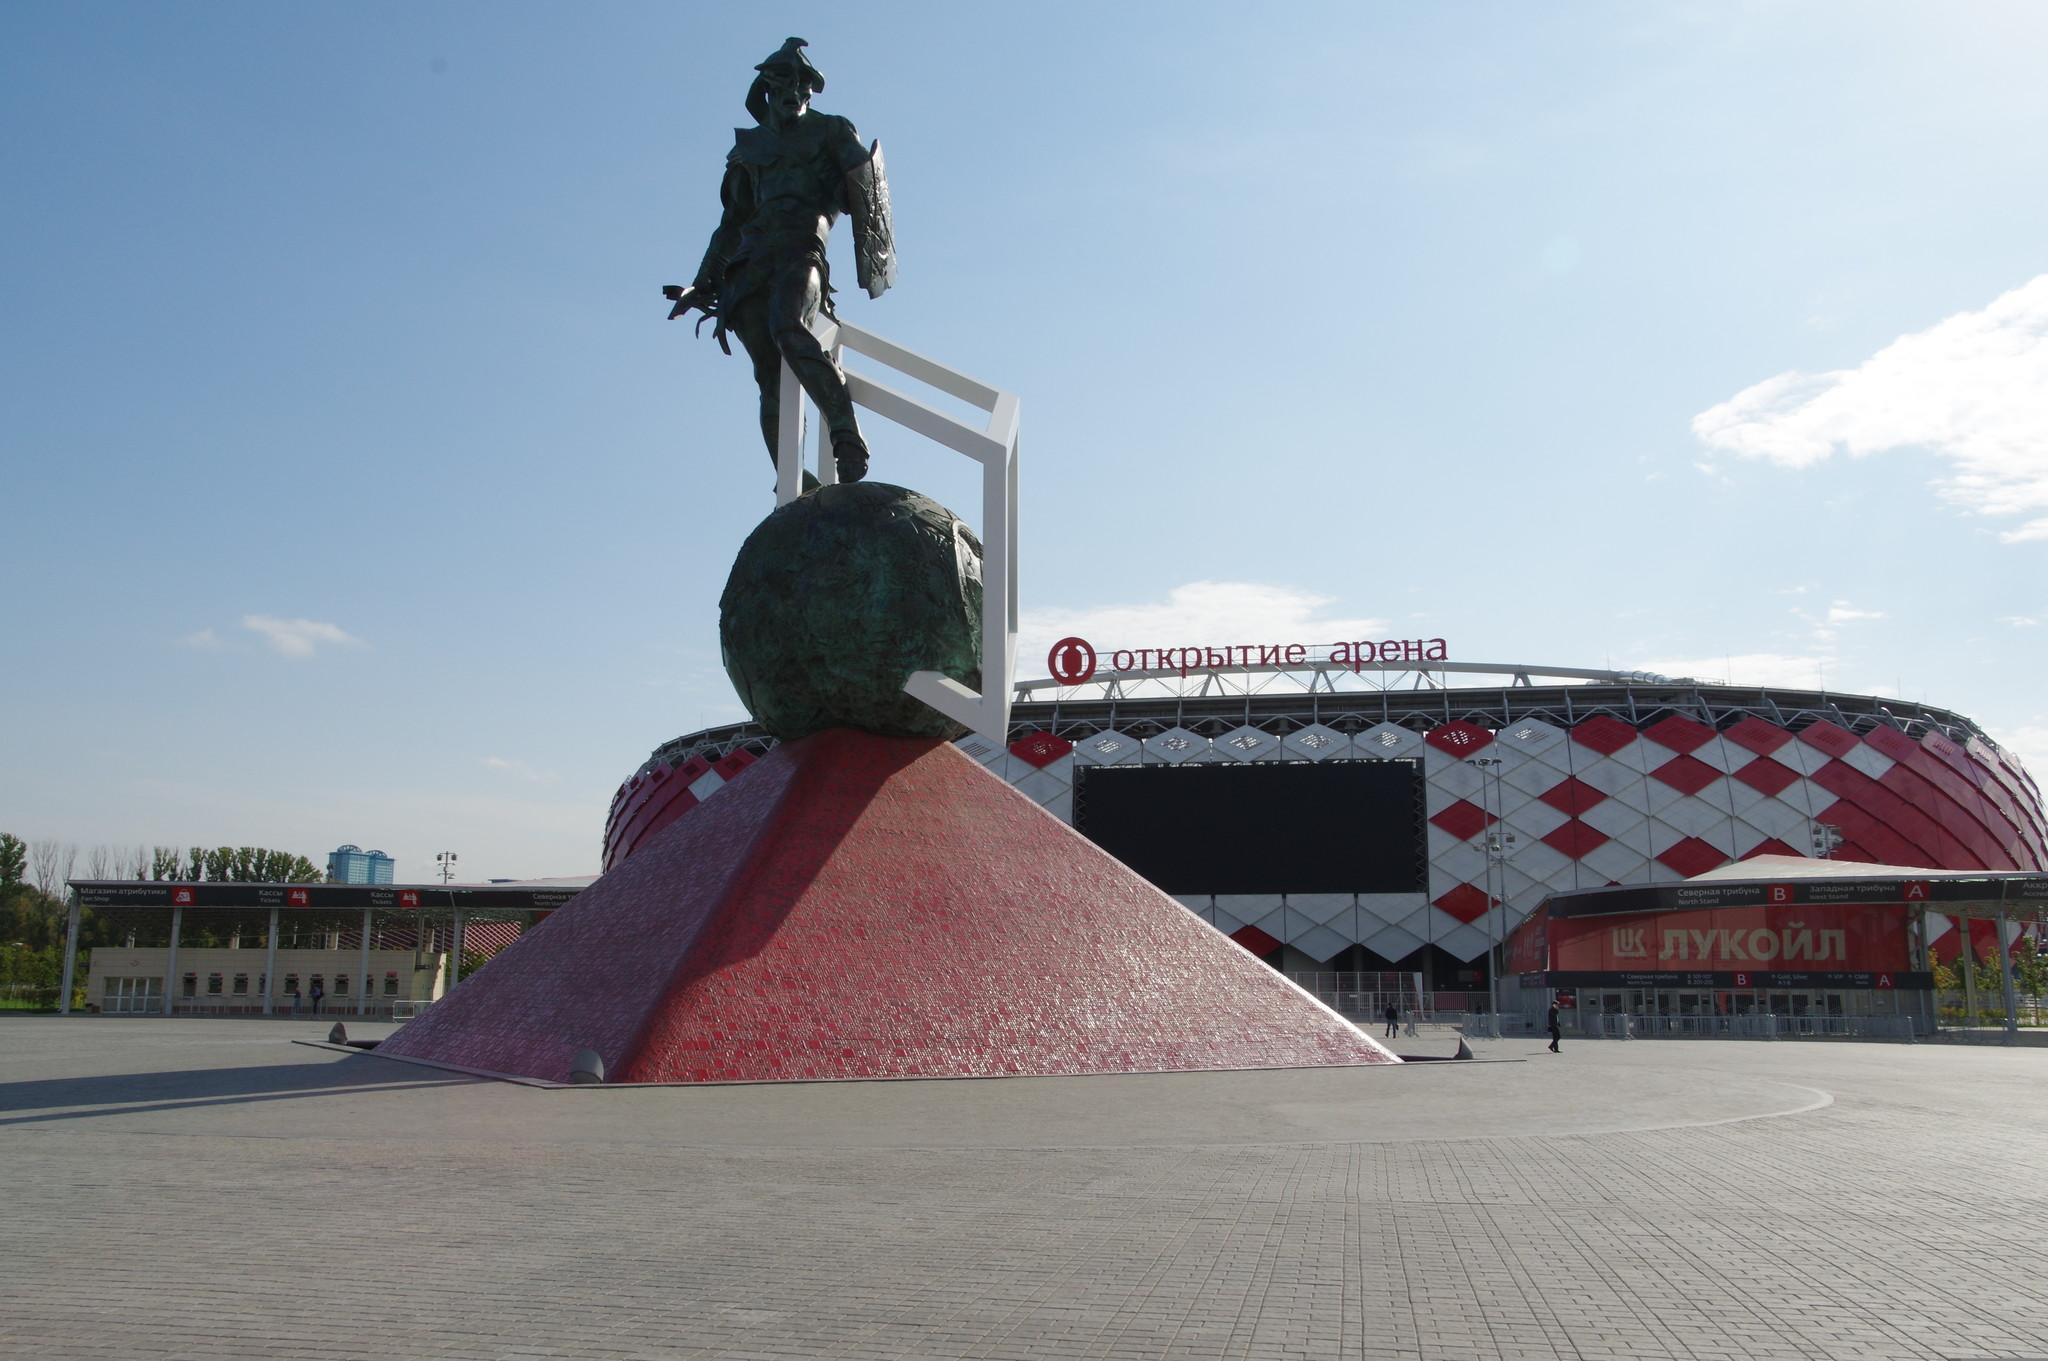 Стадион «Открытие банк арена» (стадион ФК «Спартак-Москва»)